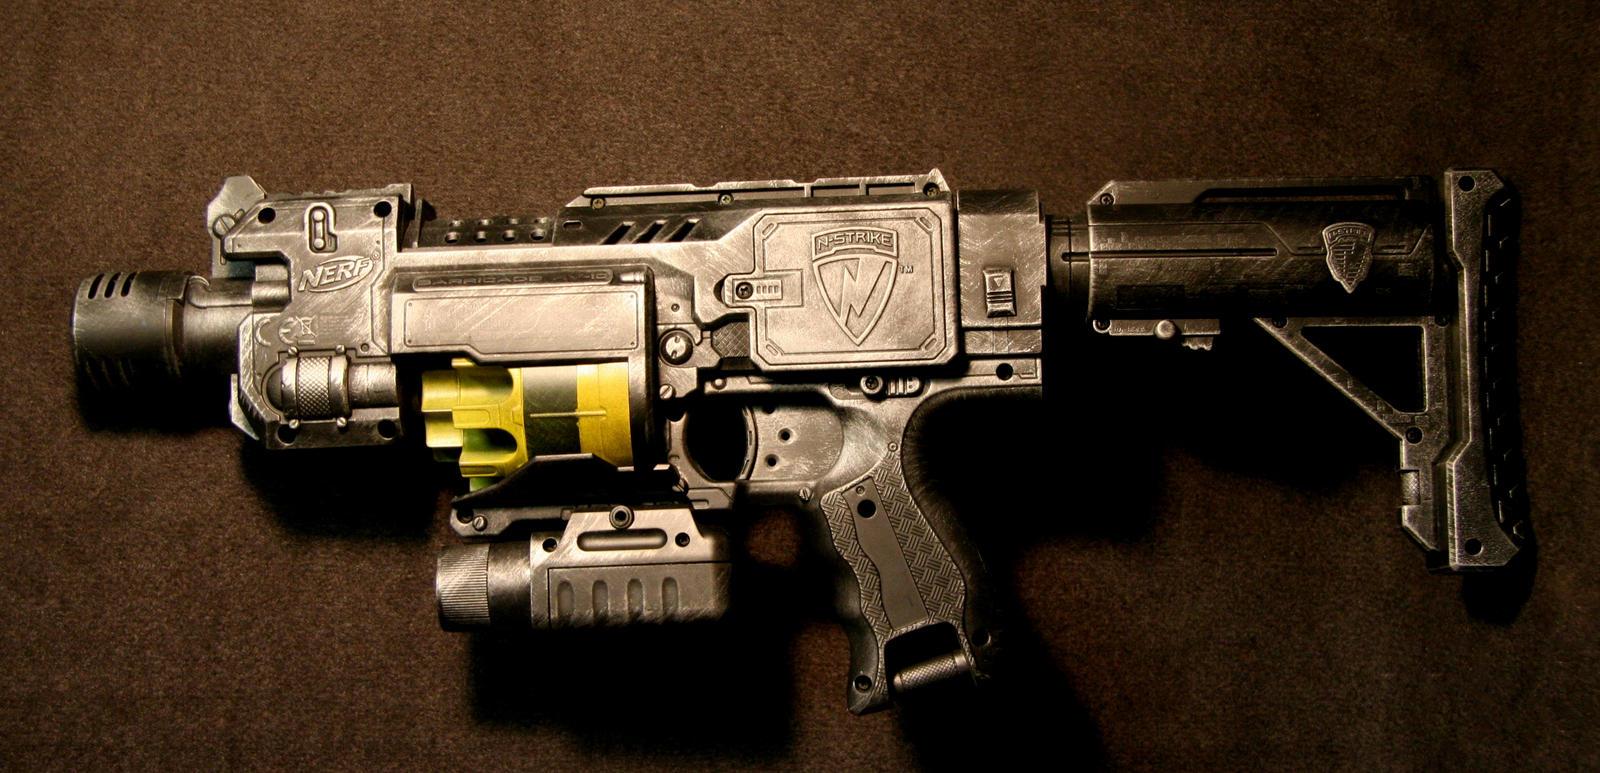 Dieselpunk Weapons Diesel punk nerf barricade byDieselpunk Weapons